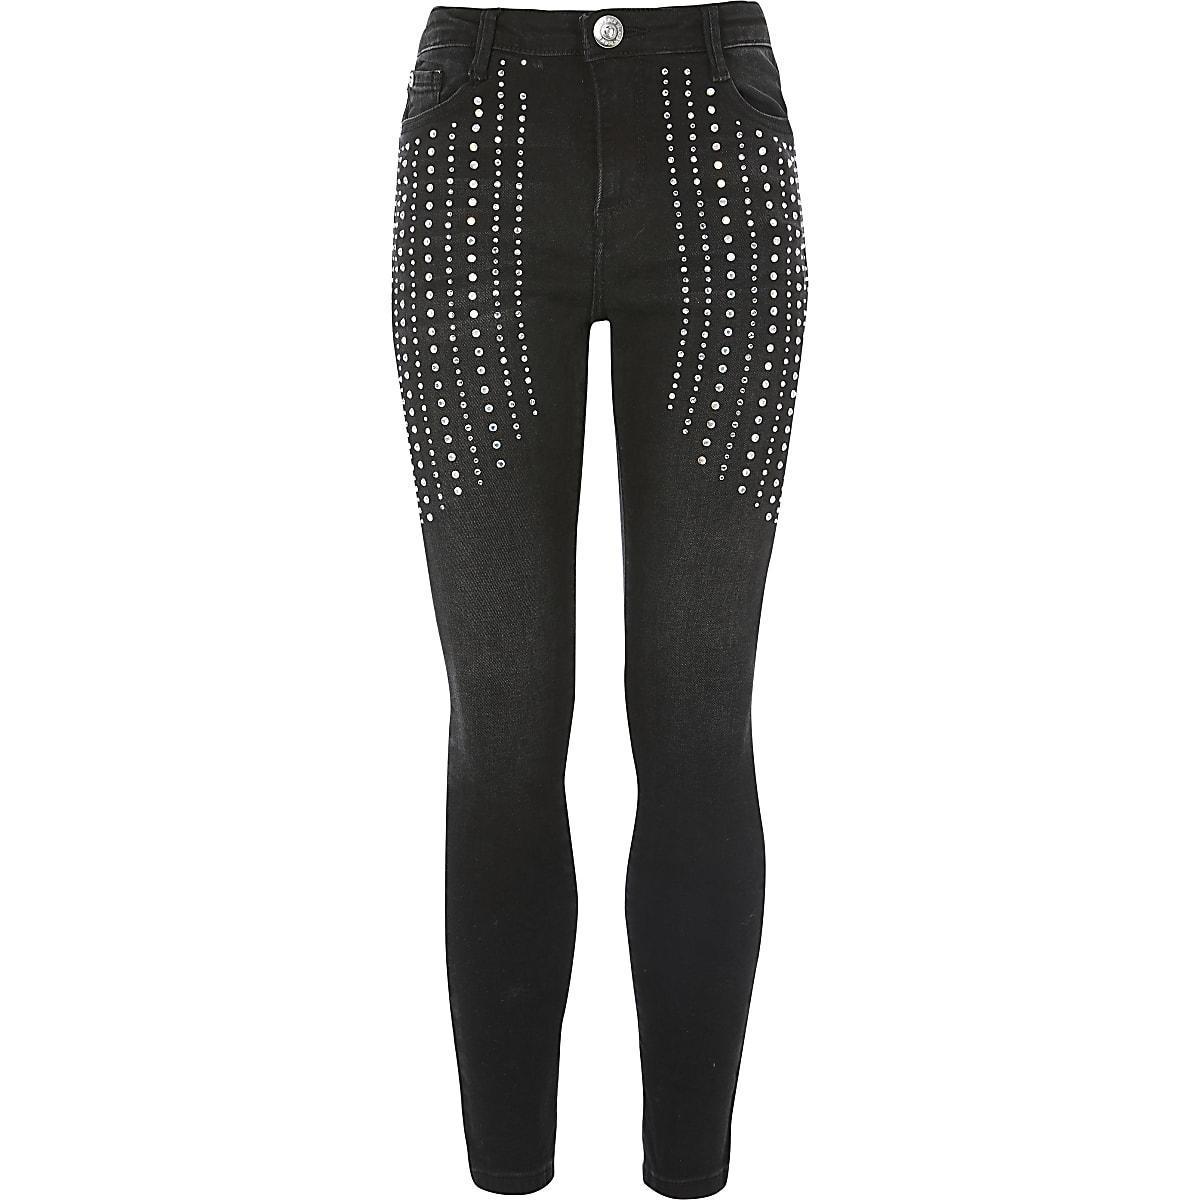 Amelie - Zwarte skinny jeans met siersteentjes voor meisjes